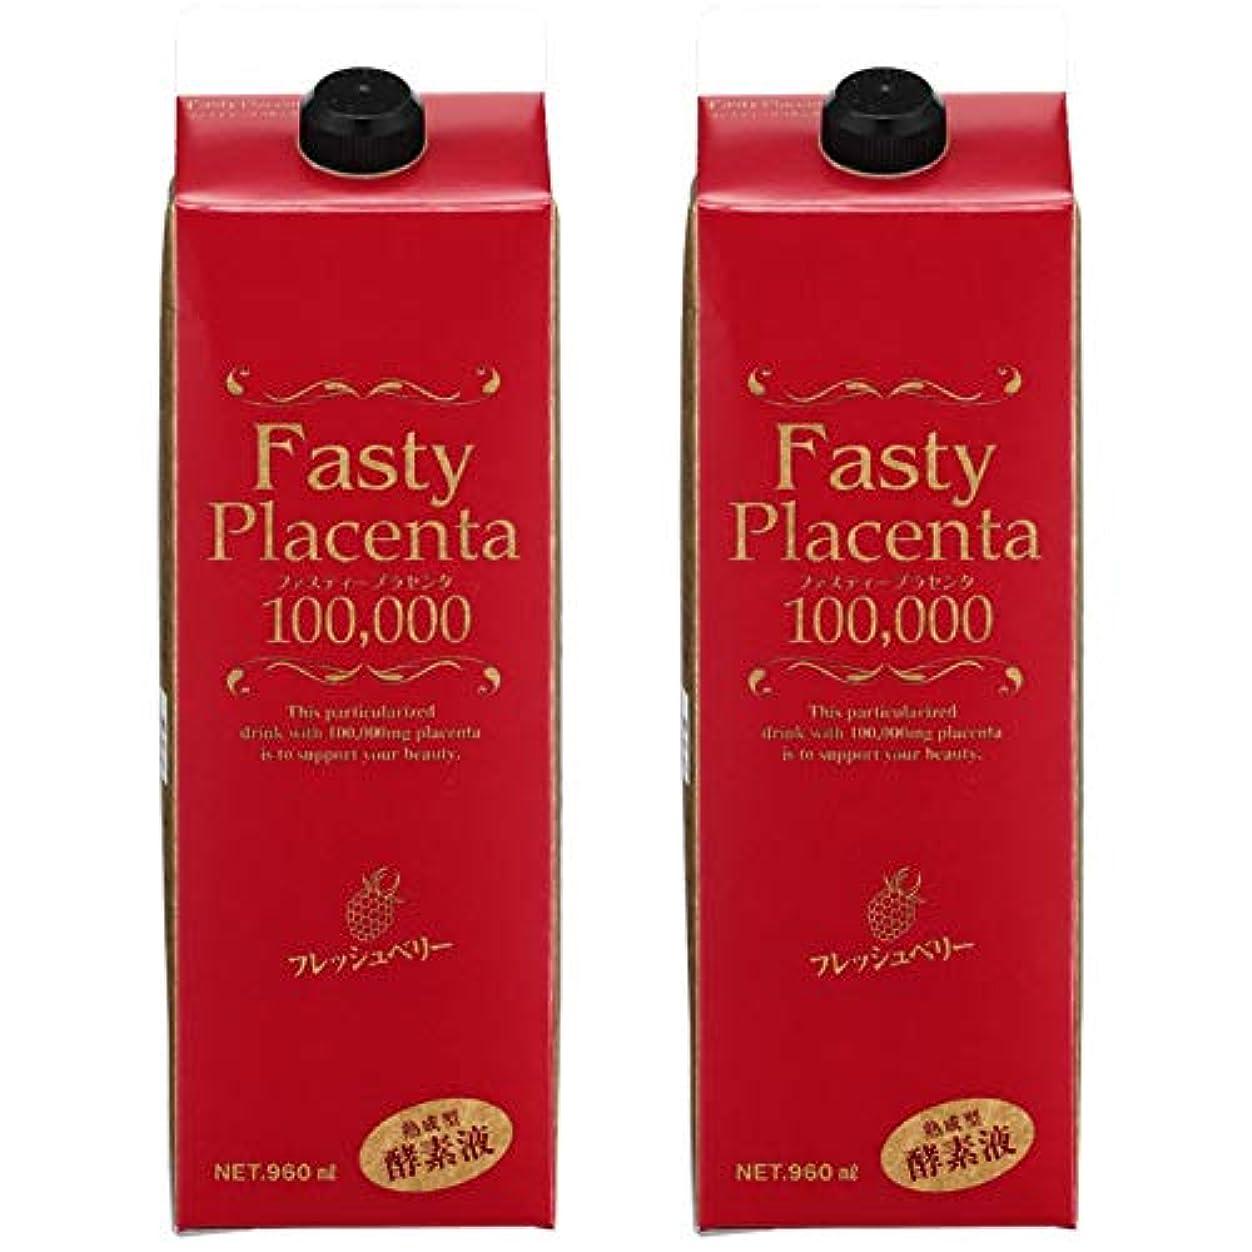 温かい恐れる自宅でファスティープラセンタ100,000 増量パック(フレッシュベリー味)2個